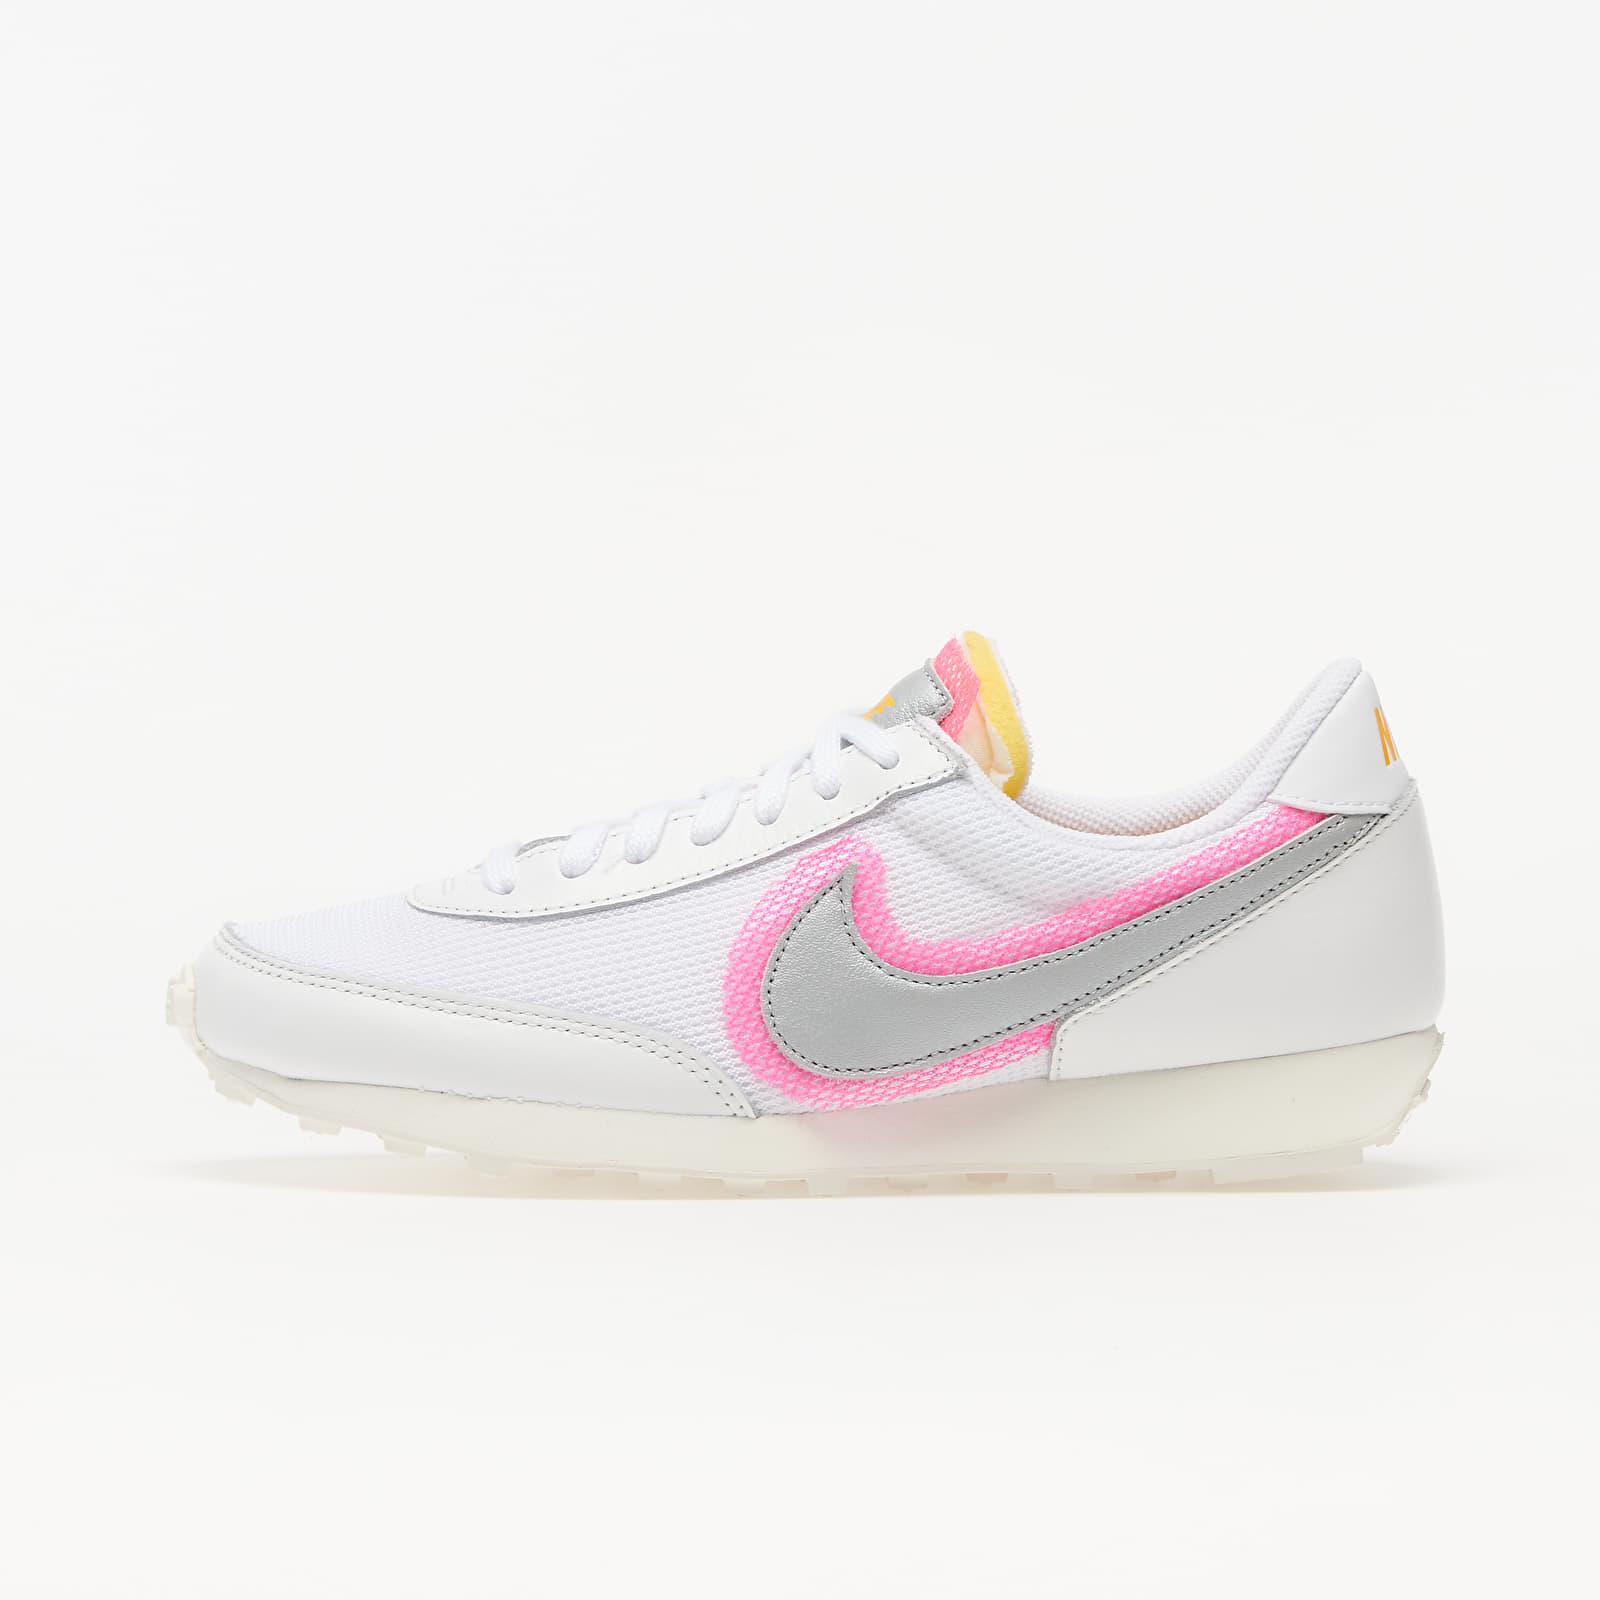 Nike Daybreak White/ Metallic Silver-Hyper Pink EUR 38.5